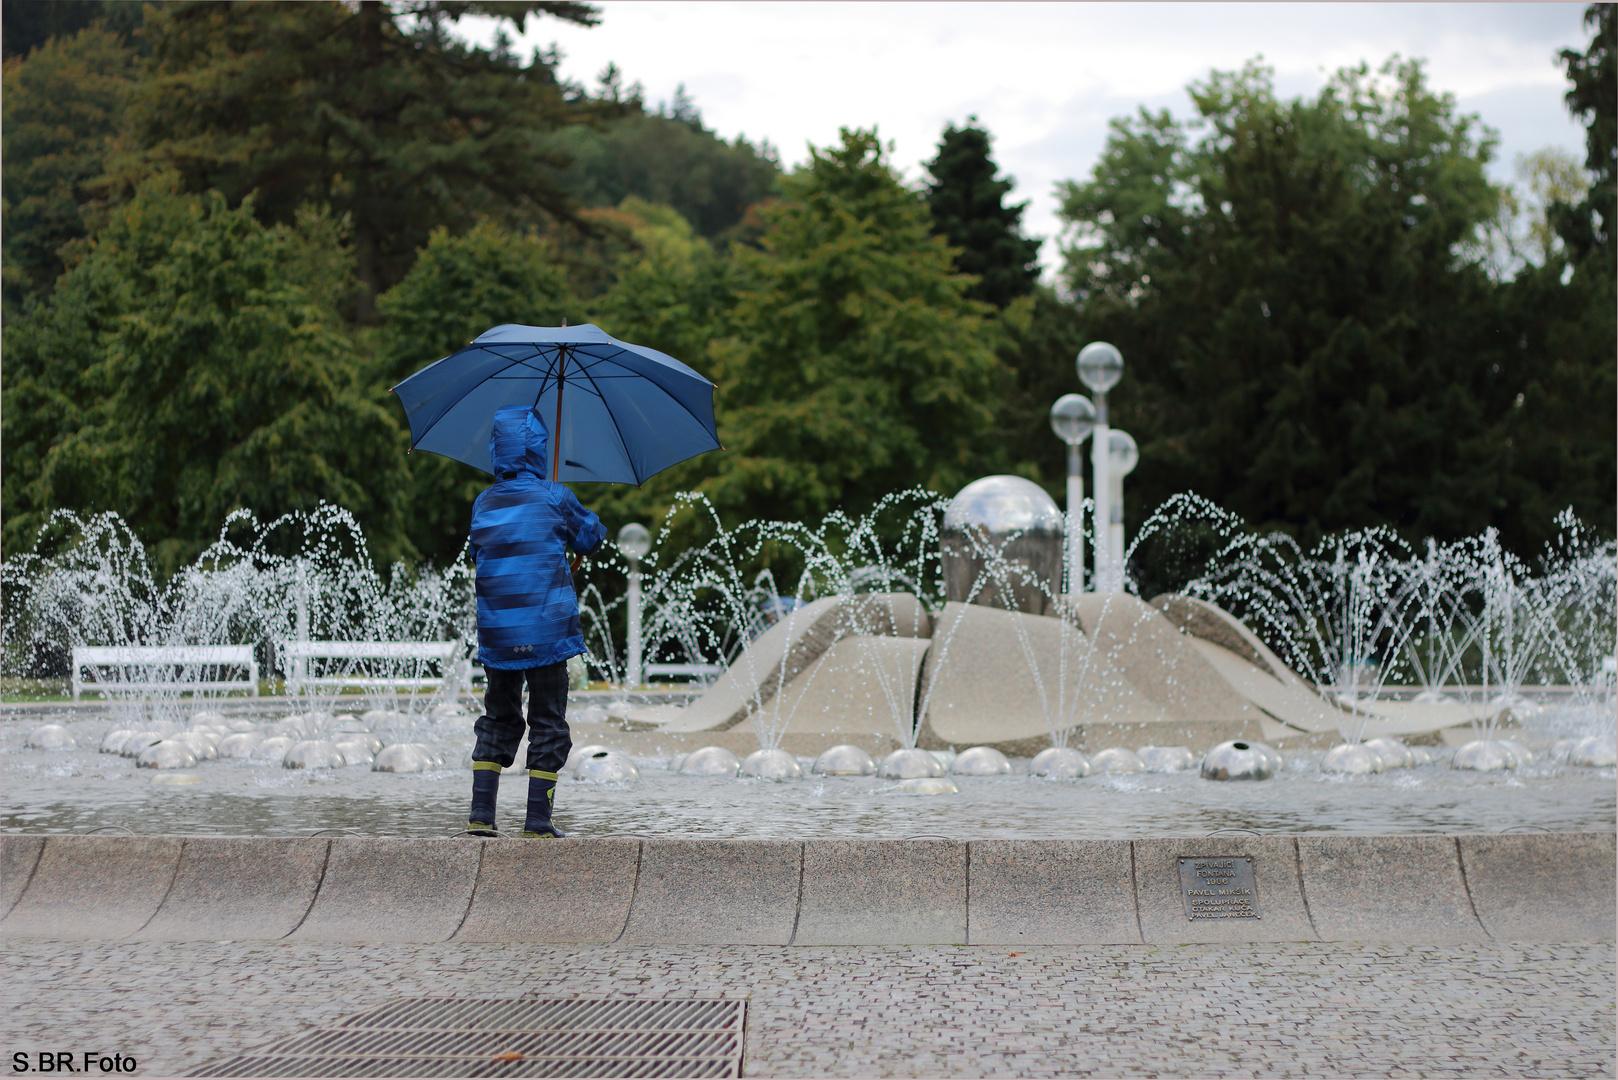 Junge spielt am Brunnen